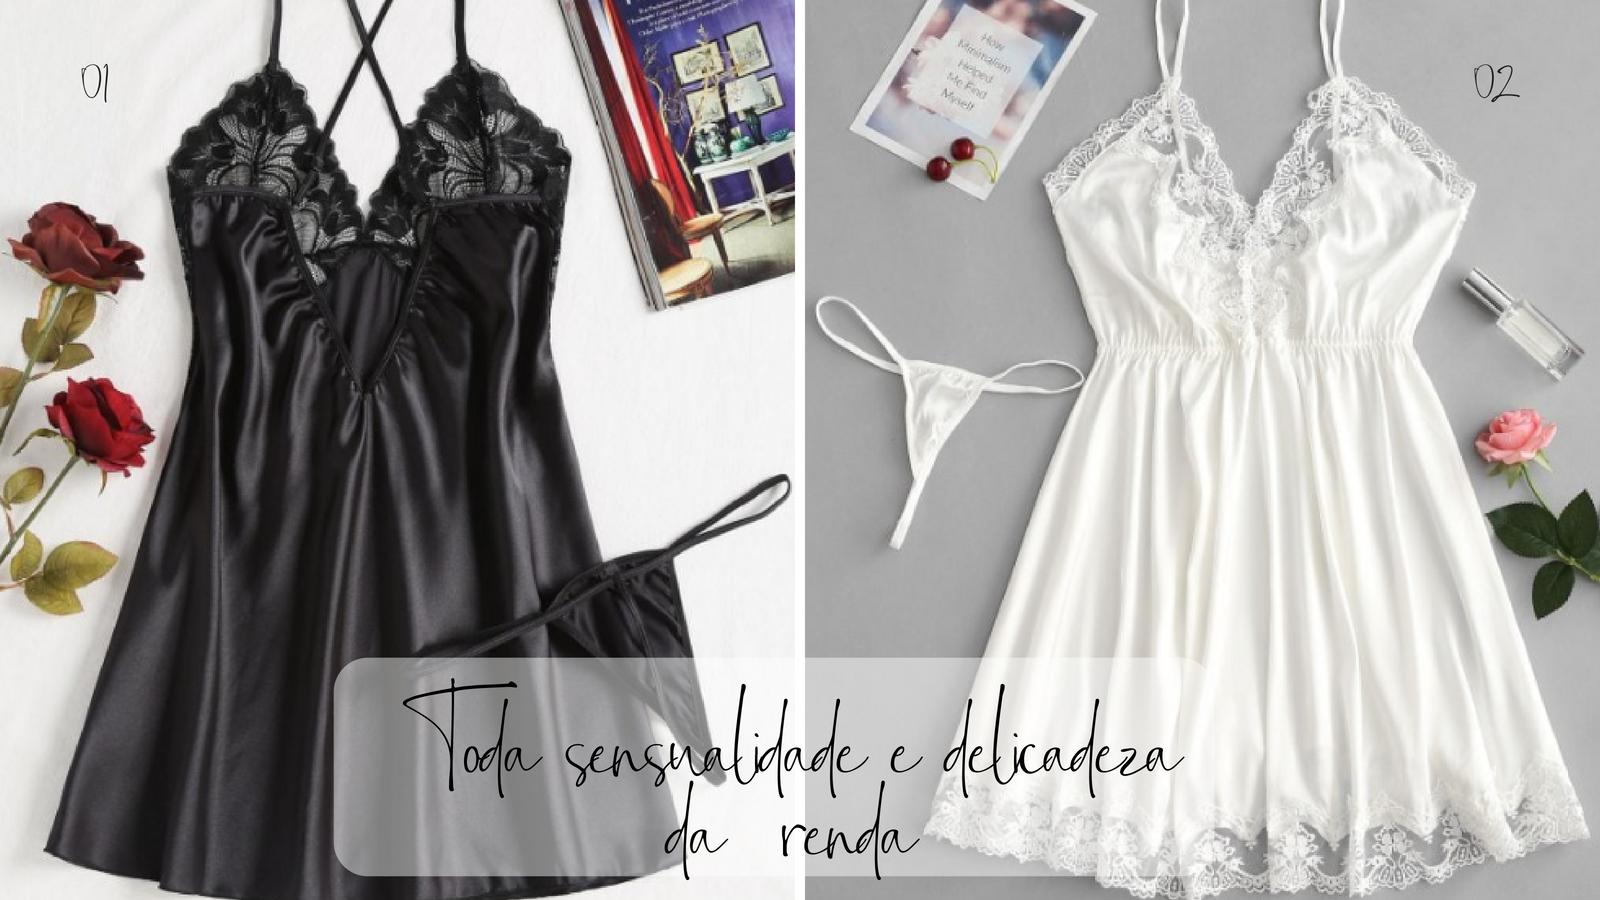 https://pt.zaful.com/roupas-intimas-e_90/g_3.html